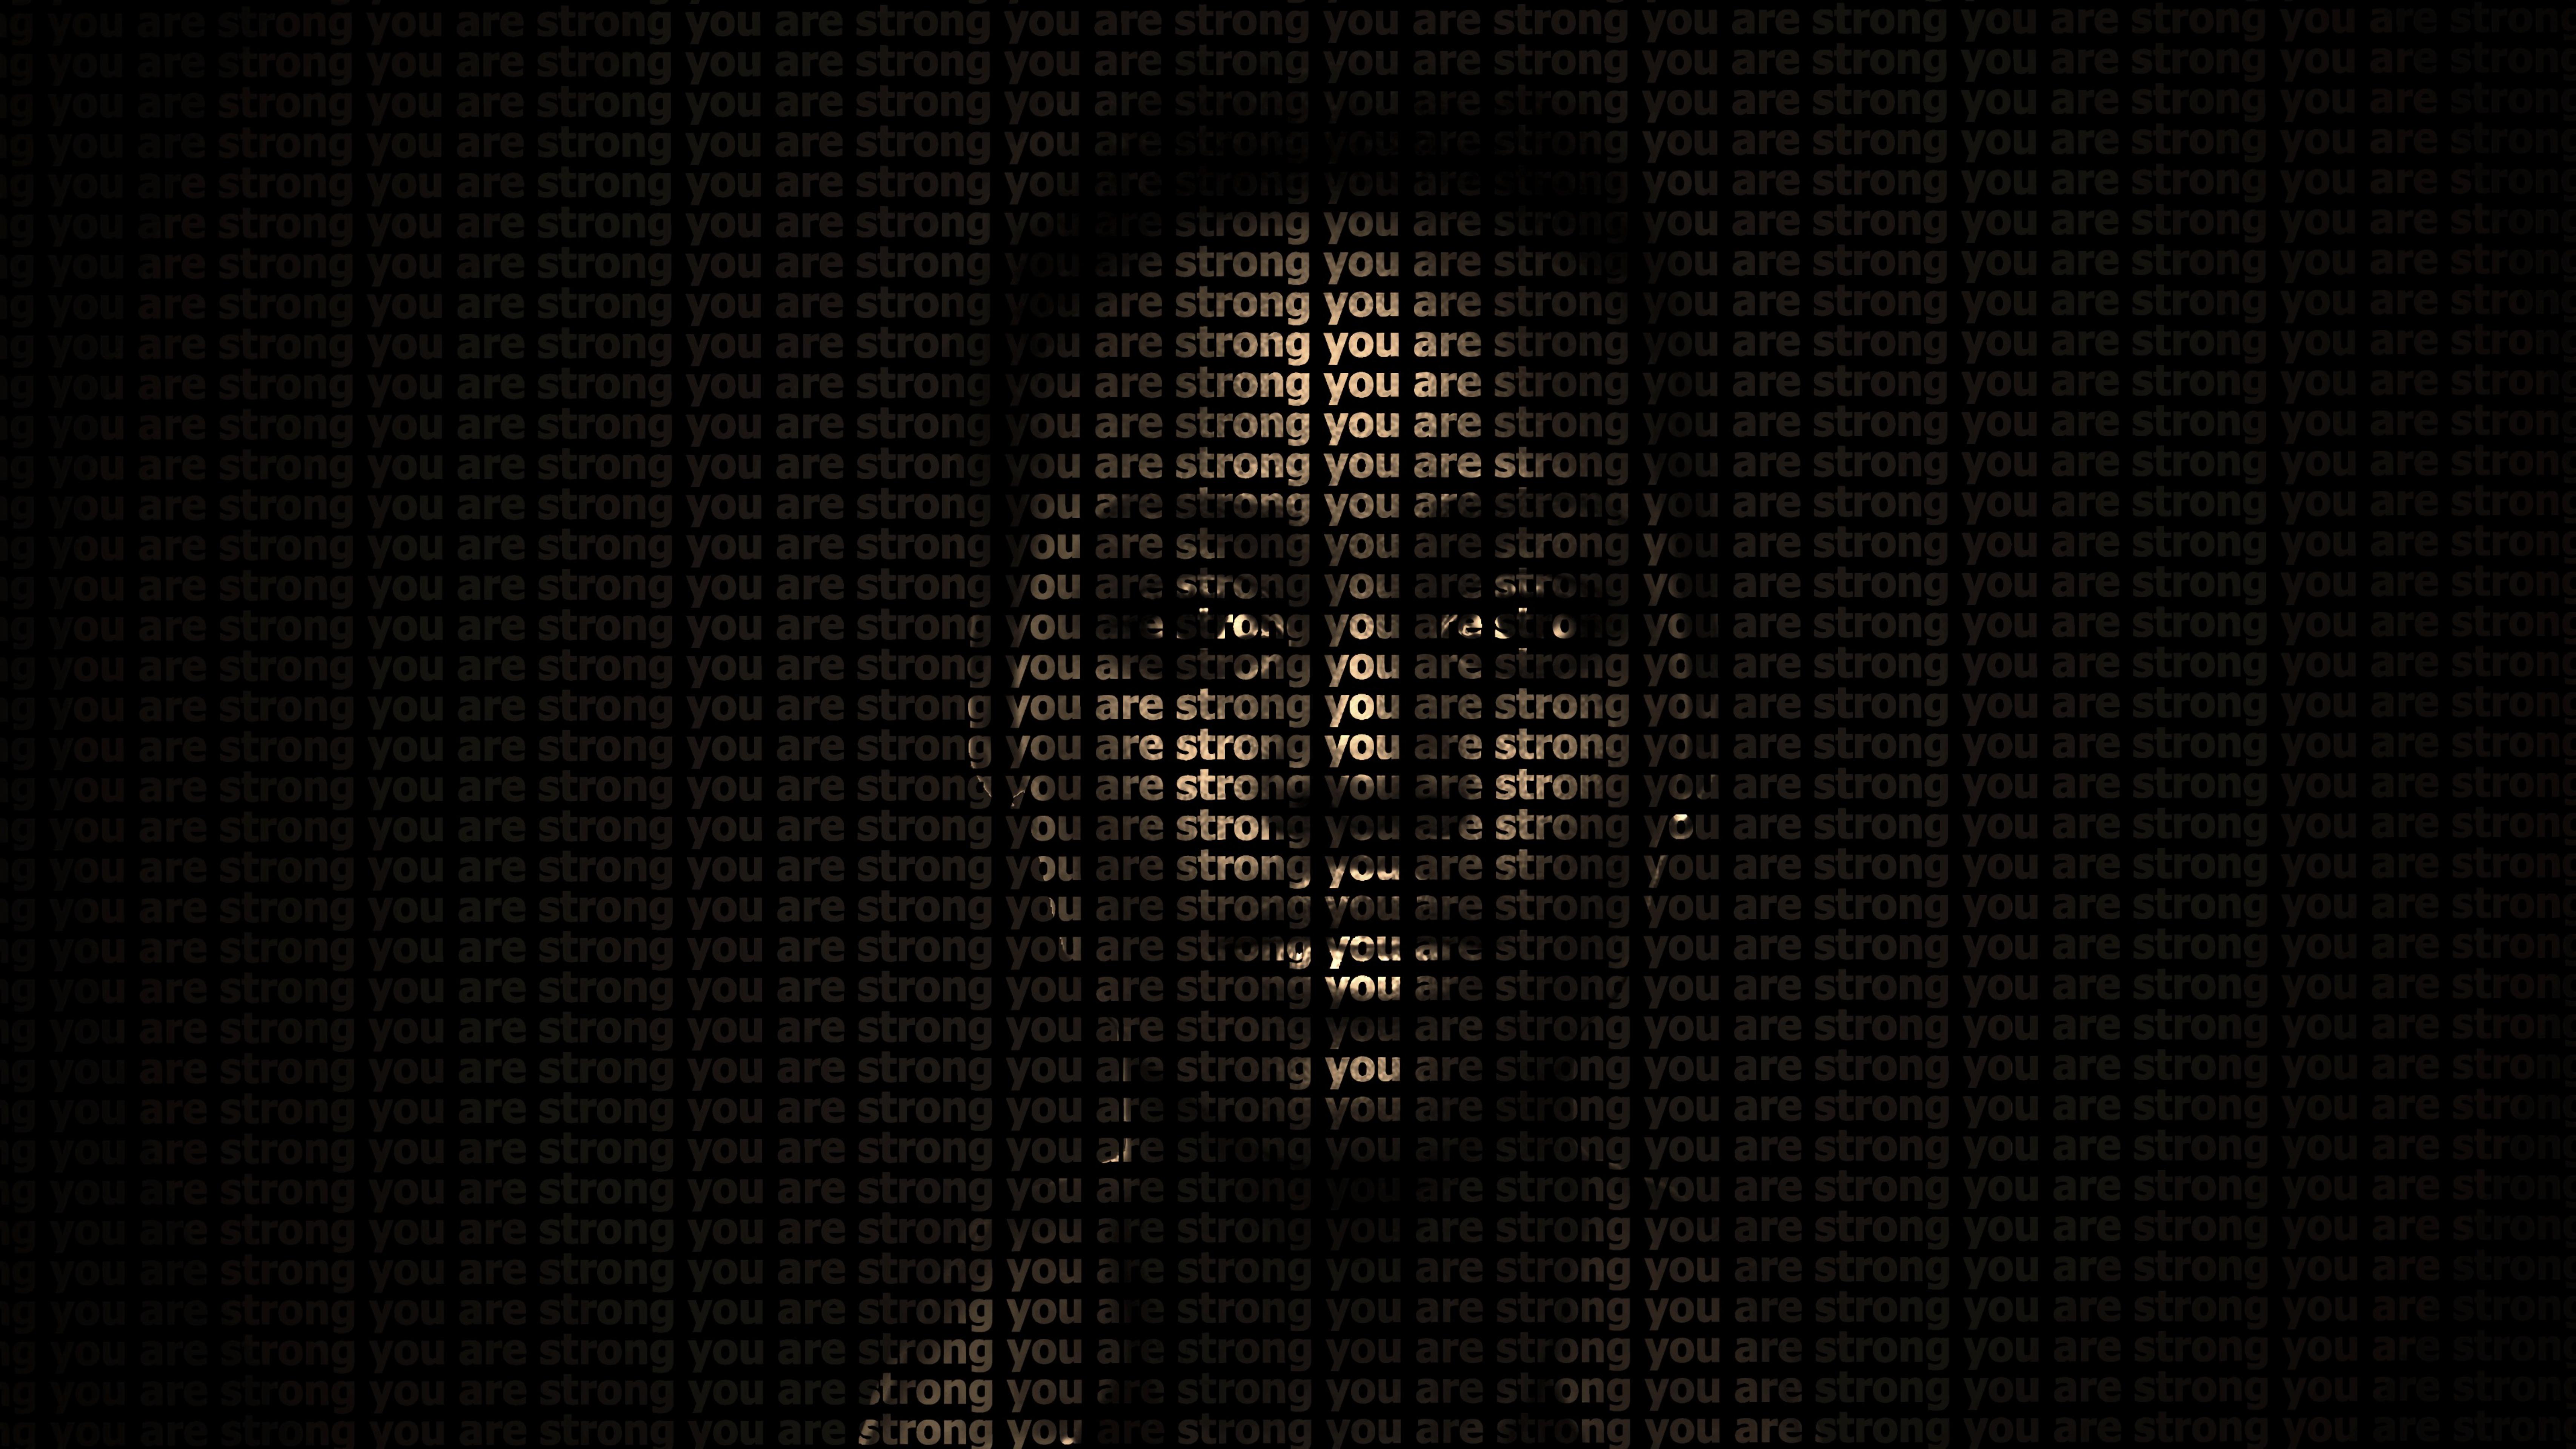 113501 скачать обои Темный, Слова, Надпись, Текст, Мотивация, Лицо, Сильный - заставки и картинки бесплатно